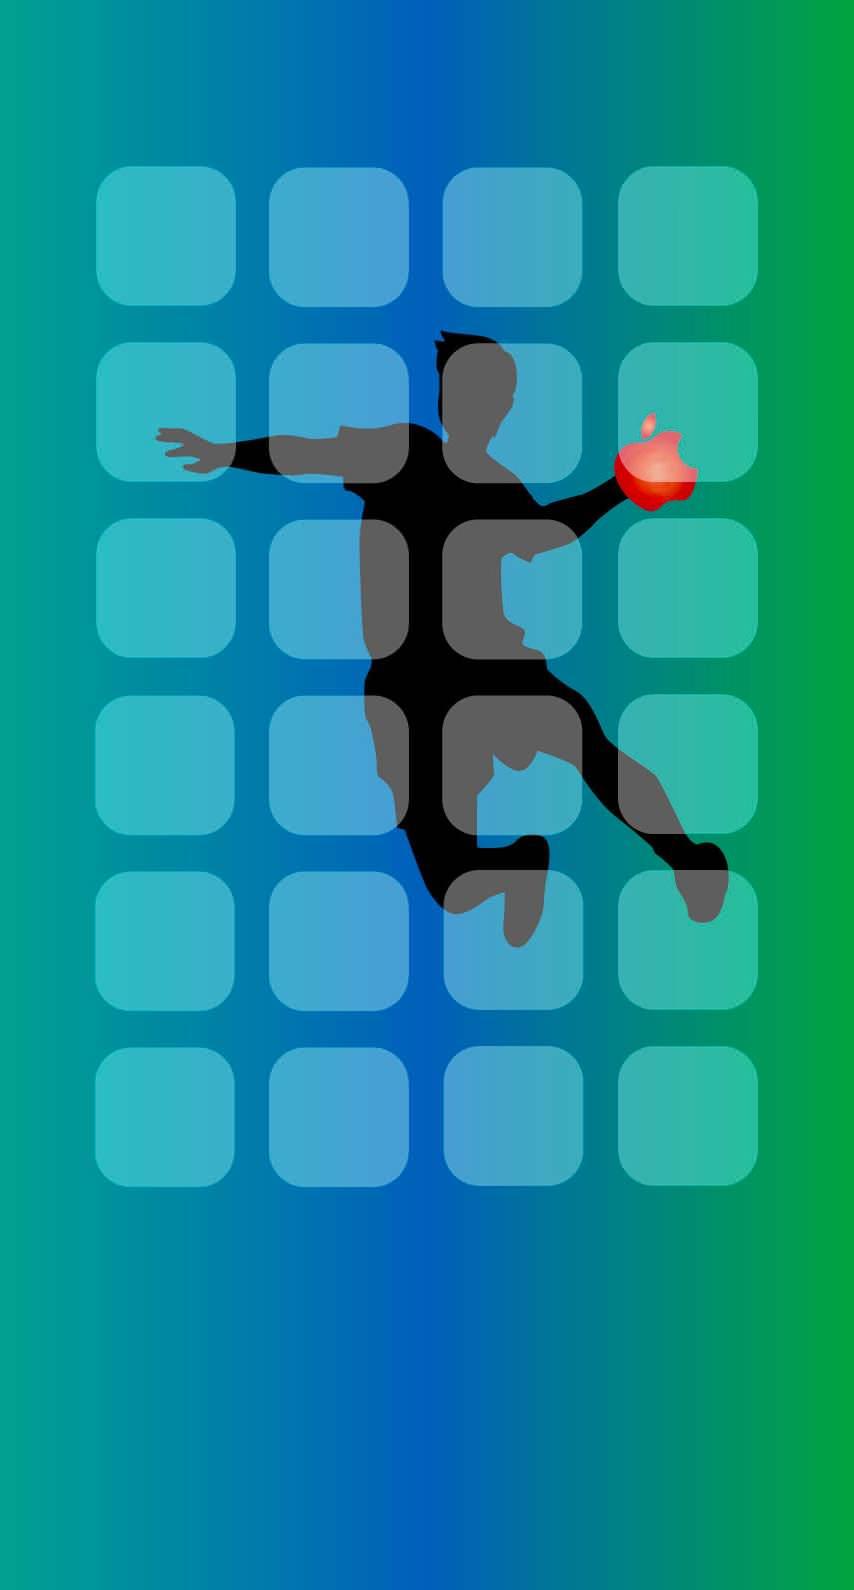 棚青緑appleロゴハンドボール Wallpaper Sc Iphone6s壁紙